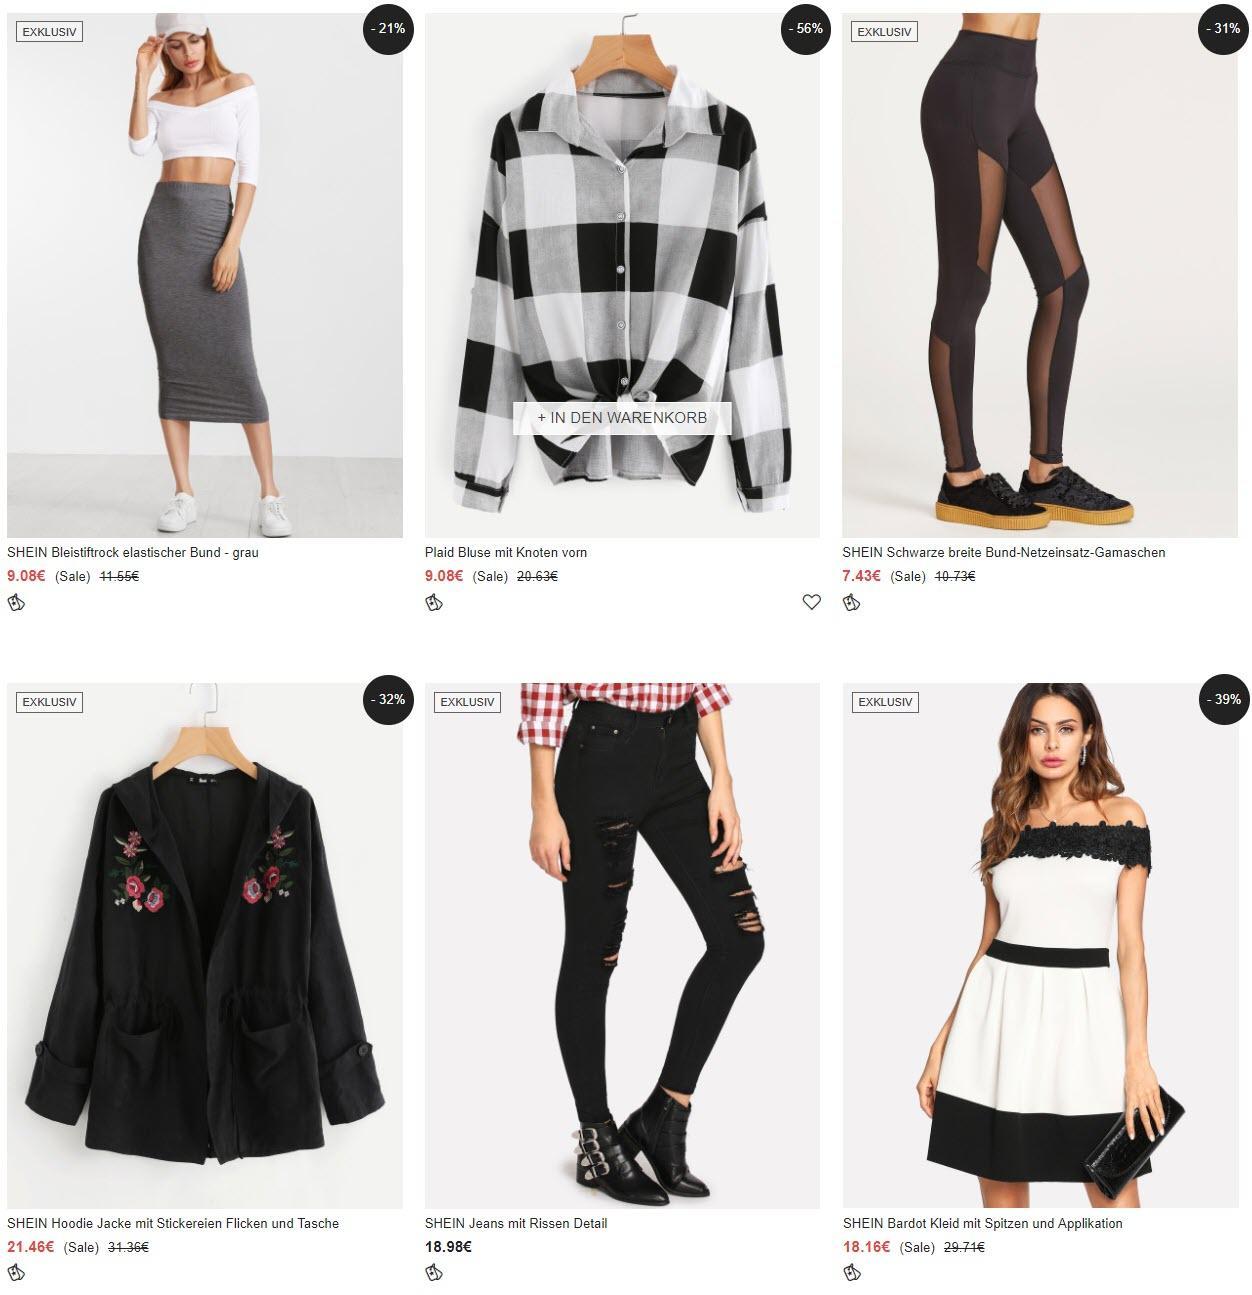 Одежда и аксессуары бесплатный шип от 39 евро скидки до 70% из магазина Shein (Германия)